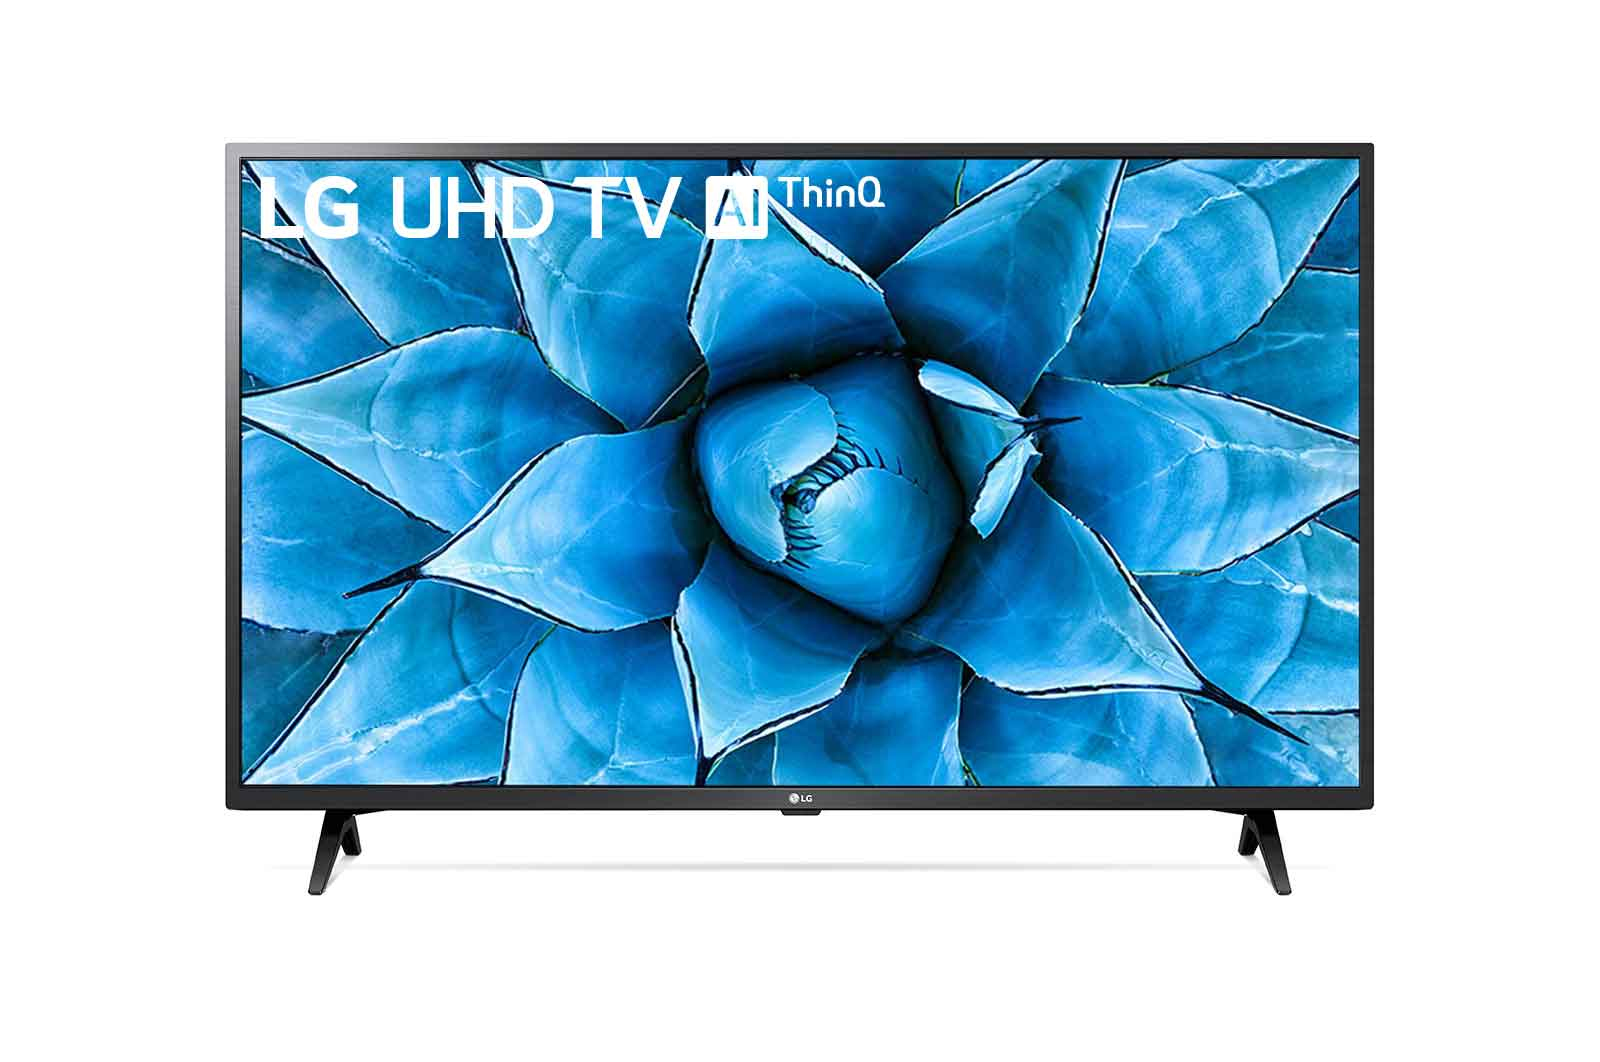 LG 55UN73006LA TV 139.7 cm (55